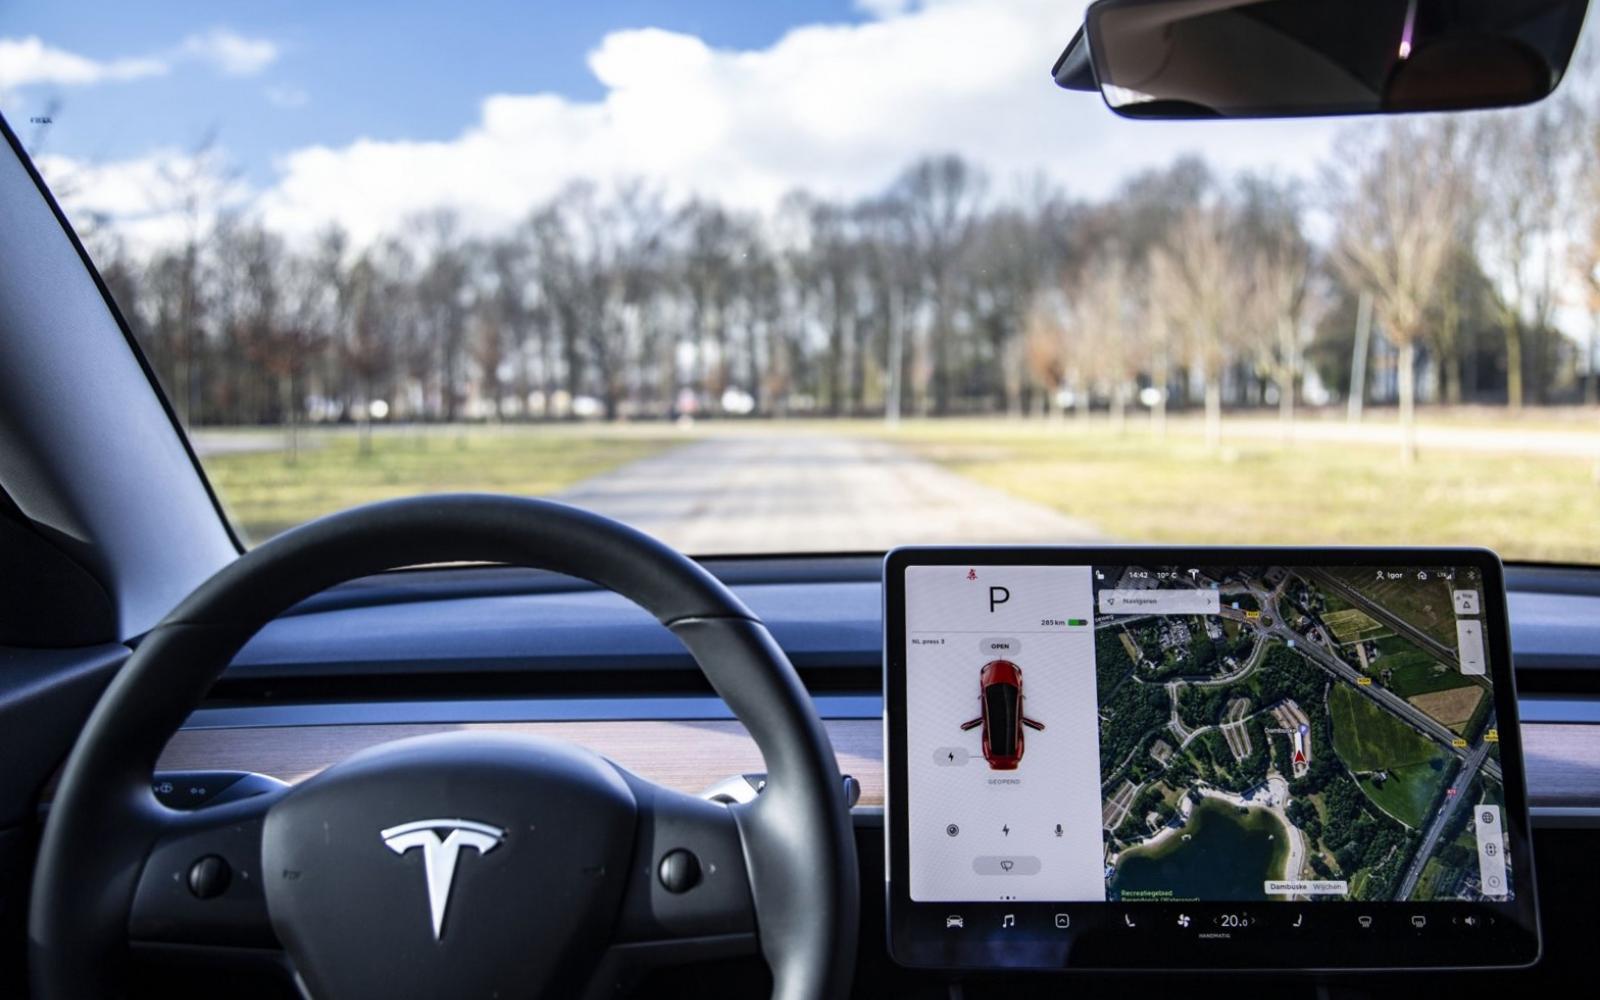 Tesla Model 3, S of X kopen met 4 procent bijtelling? Bestel vóór 7 oktober 2019!